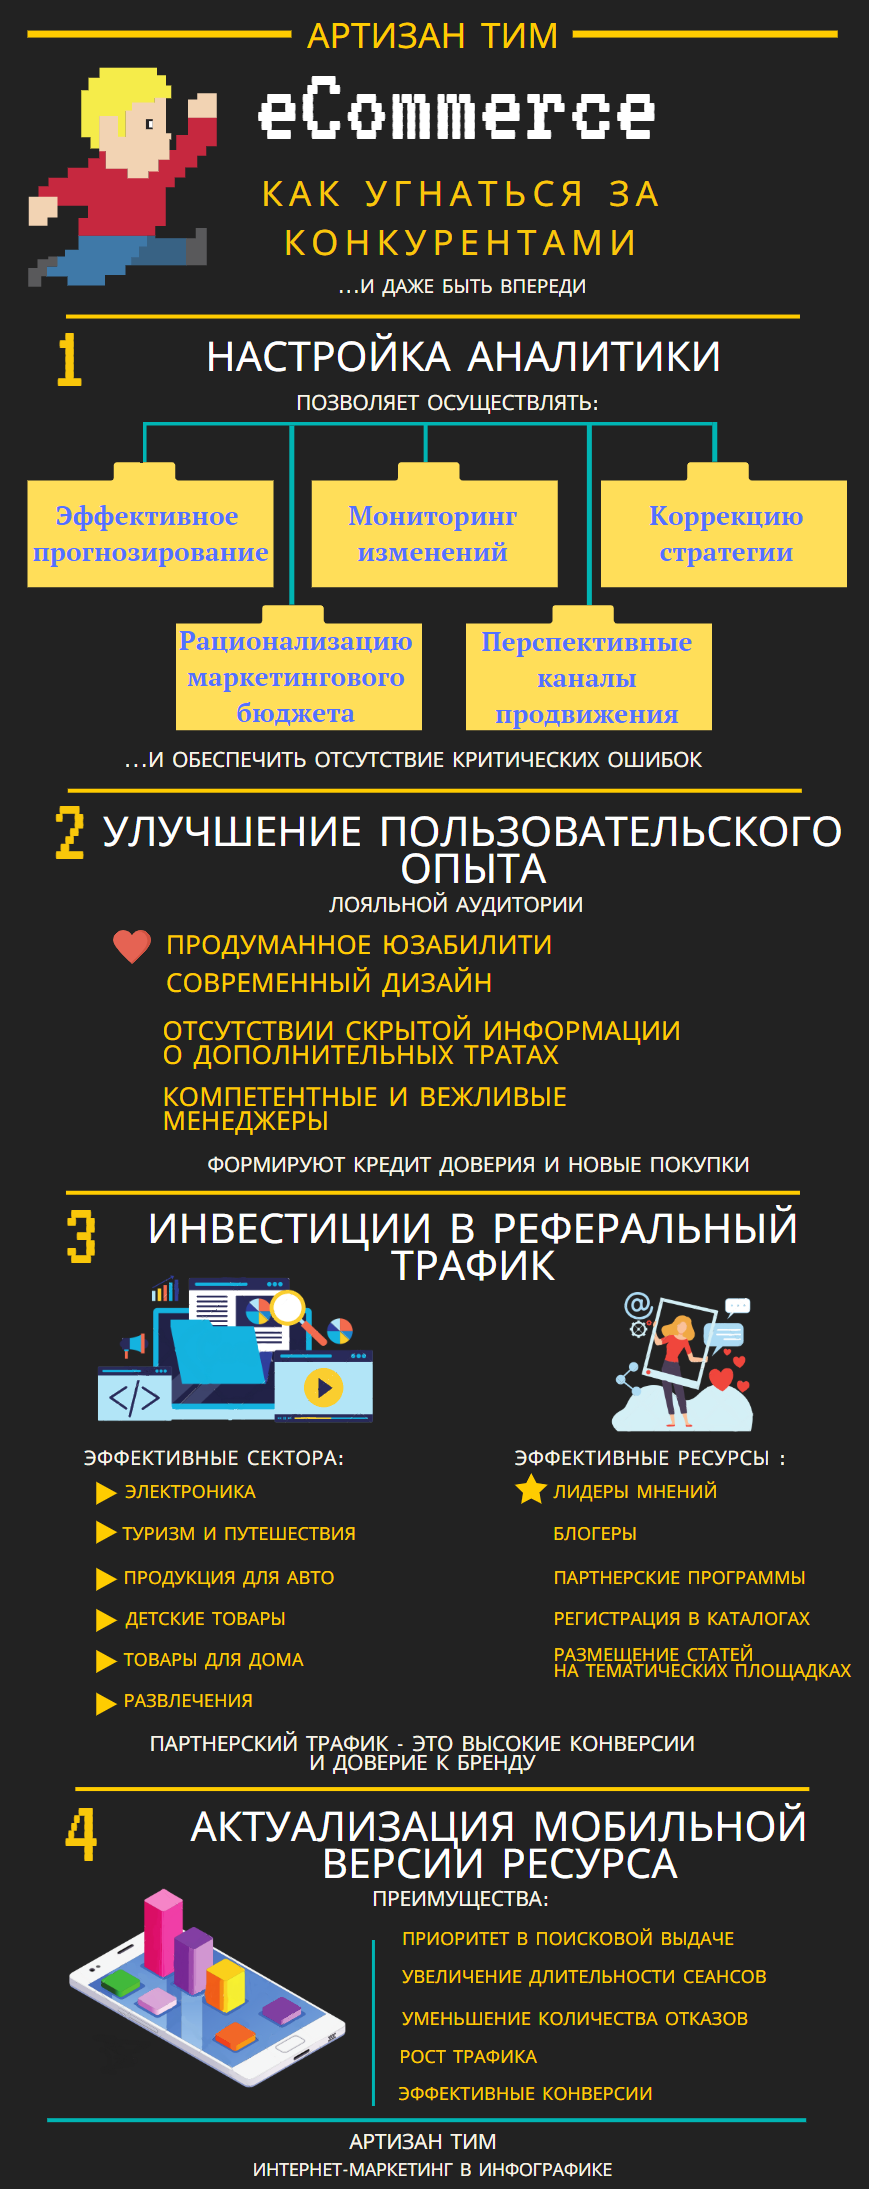 О способах повышения эффективности функционирования интернет-магазинов в инфографике.